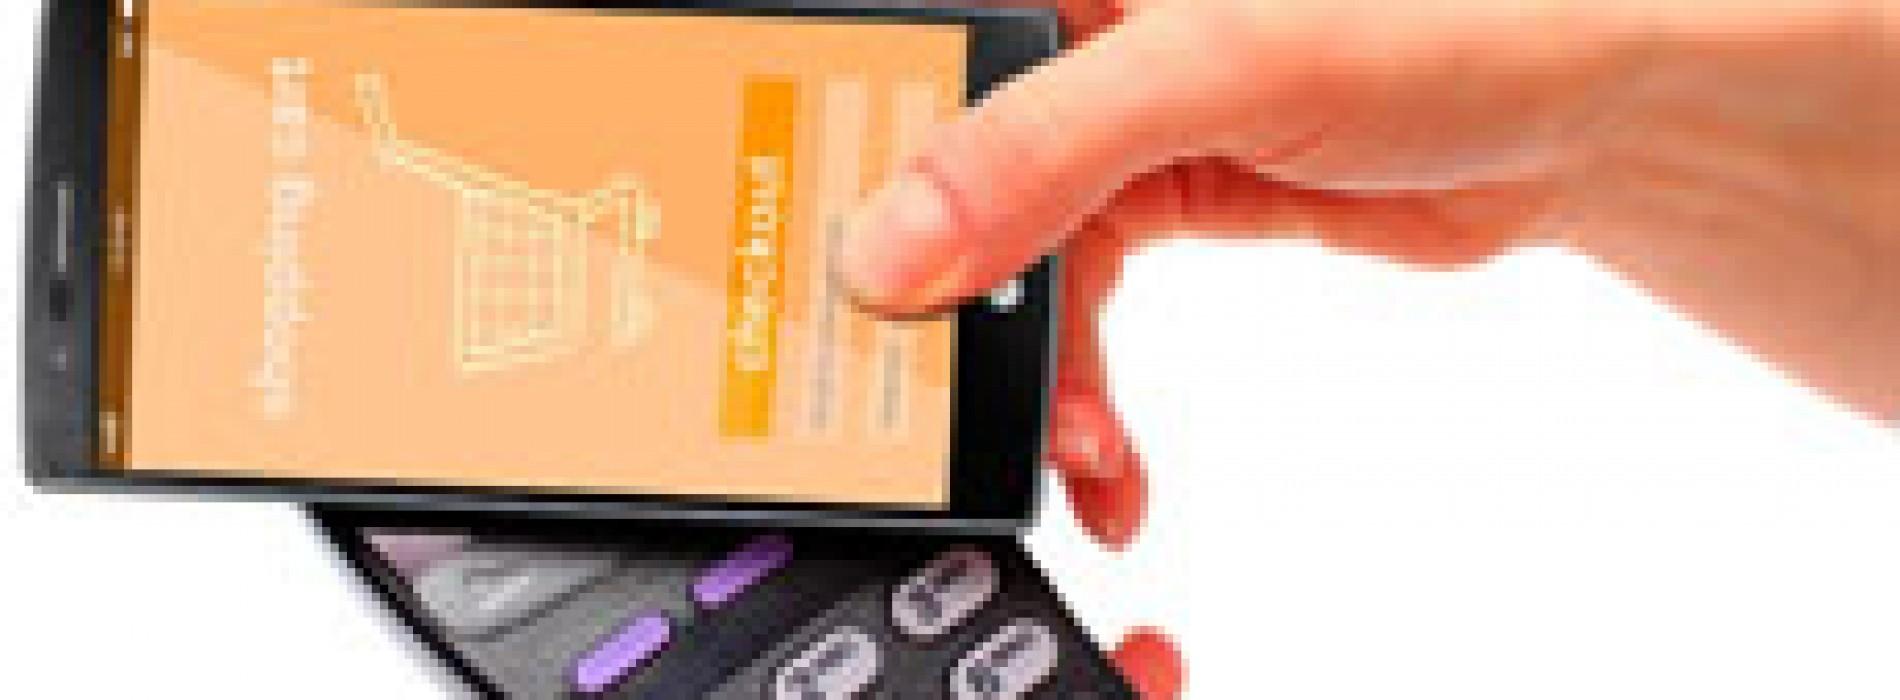 LG confirmó su propio sistema de pago por móvil